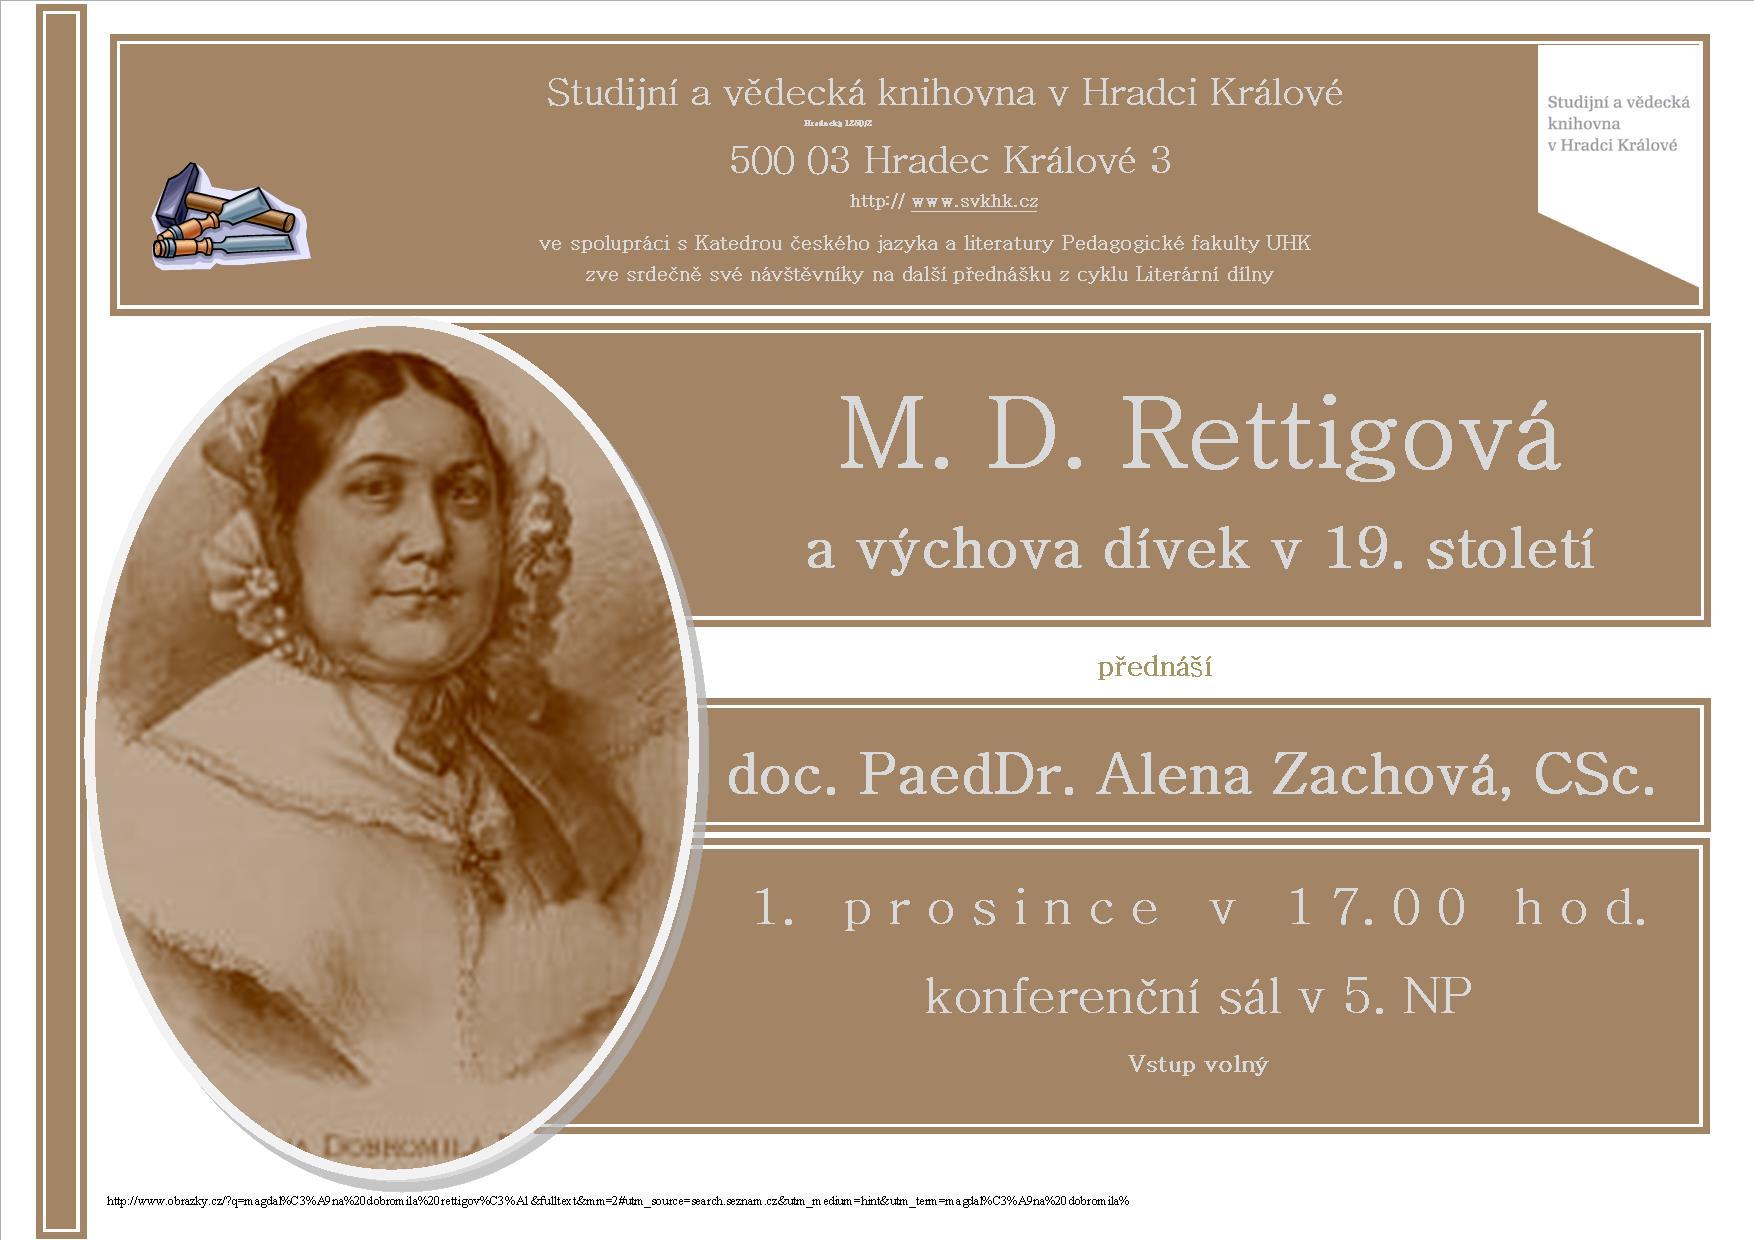 M. D. Rettigová a výchova dívek v 19. století